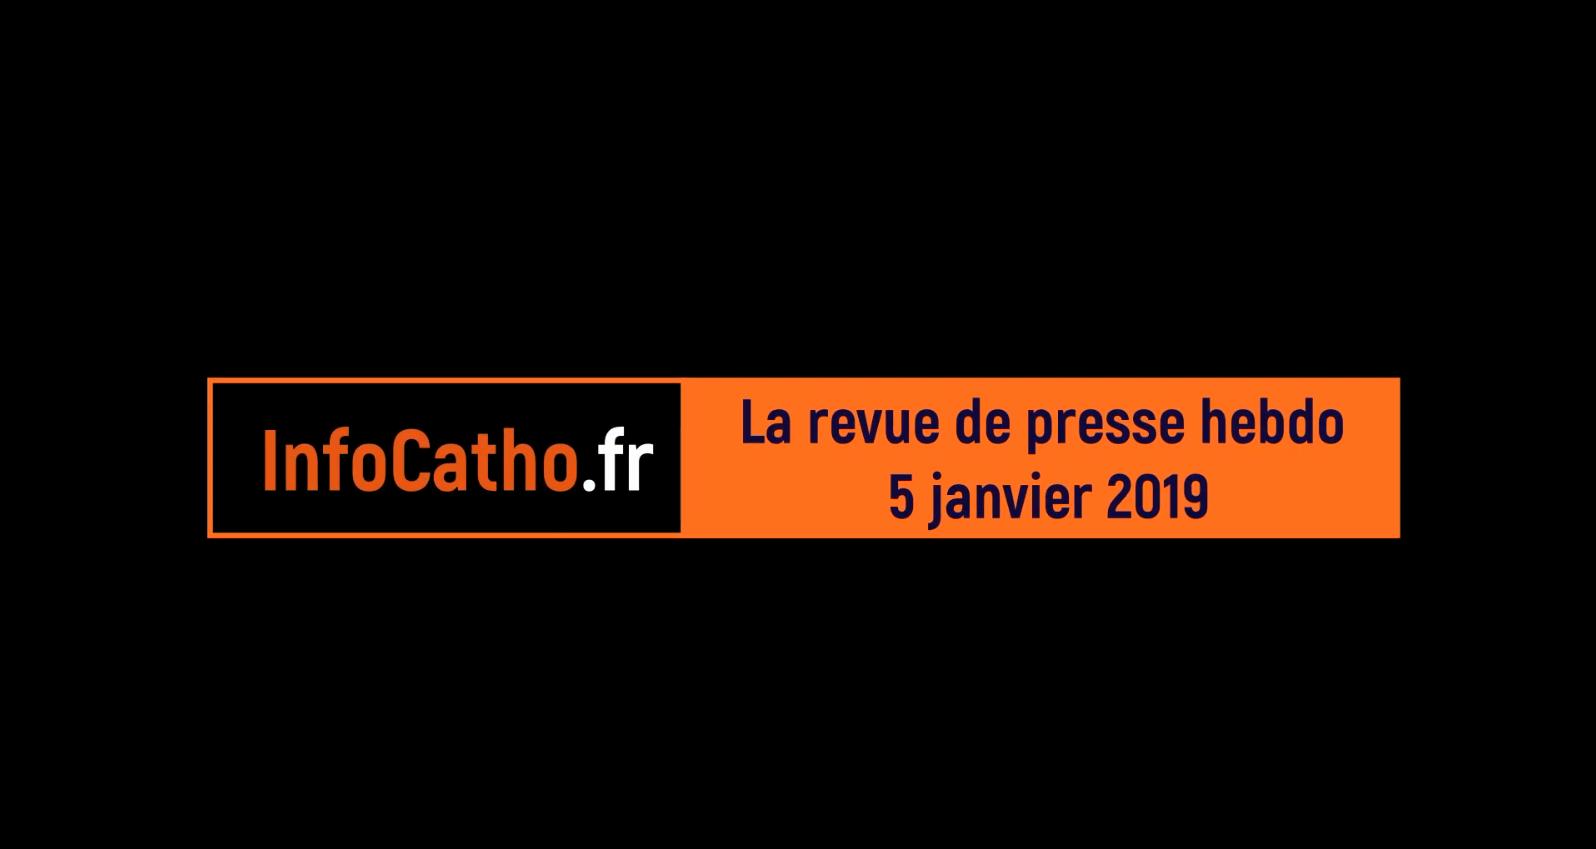 Revue de presse internationale catholique du 5 janvier